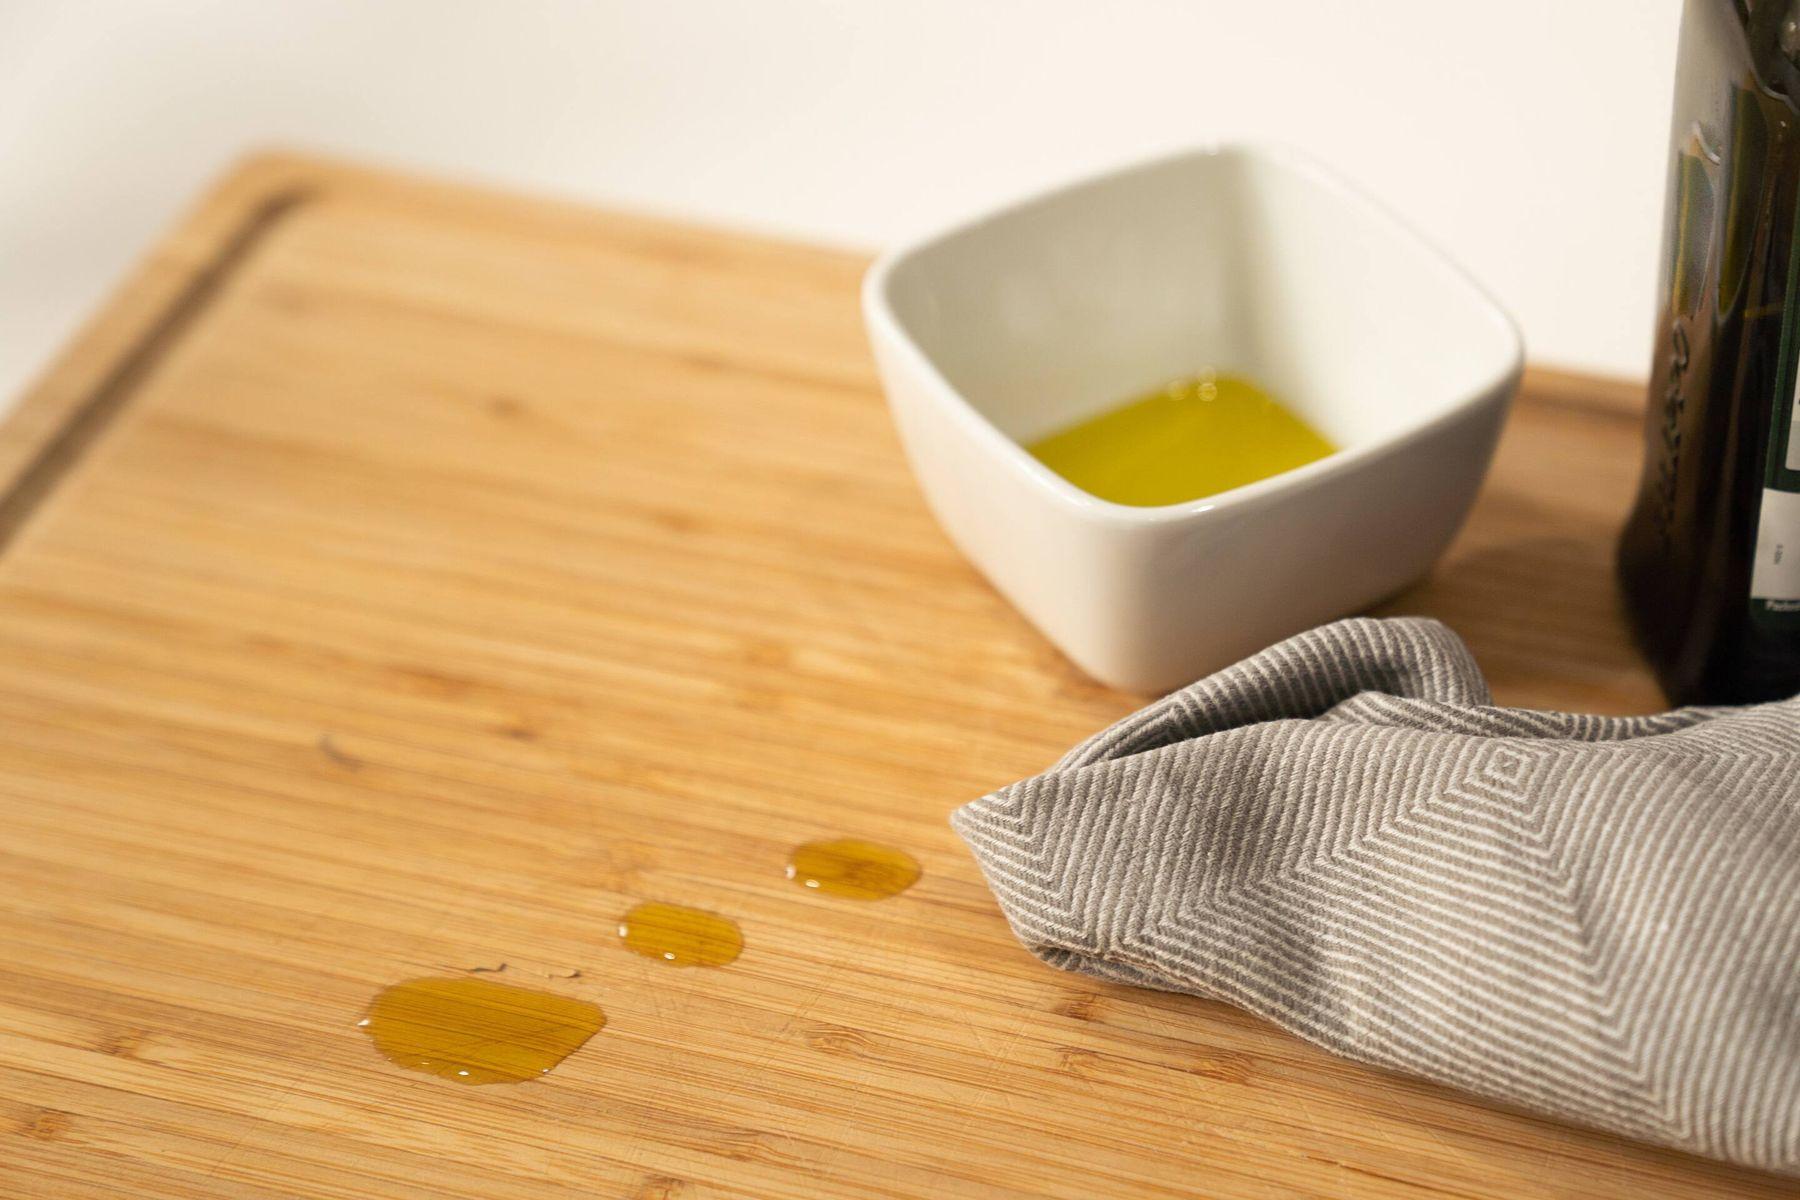 วิธีล้างคราบน้ำมันในครัว เรามีตัวช่วยดีๆ ให้คุณ